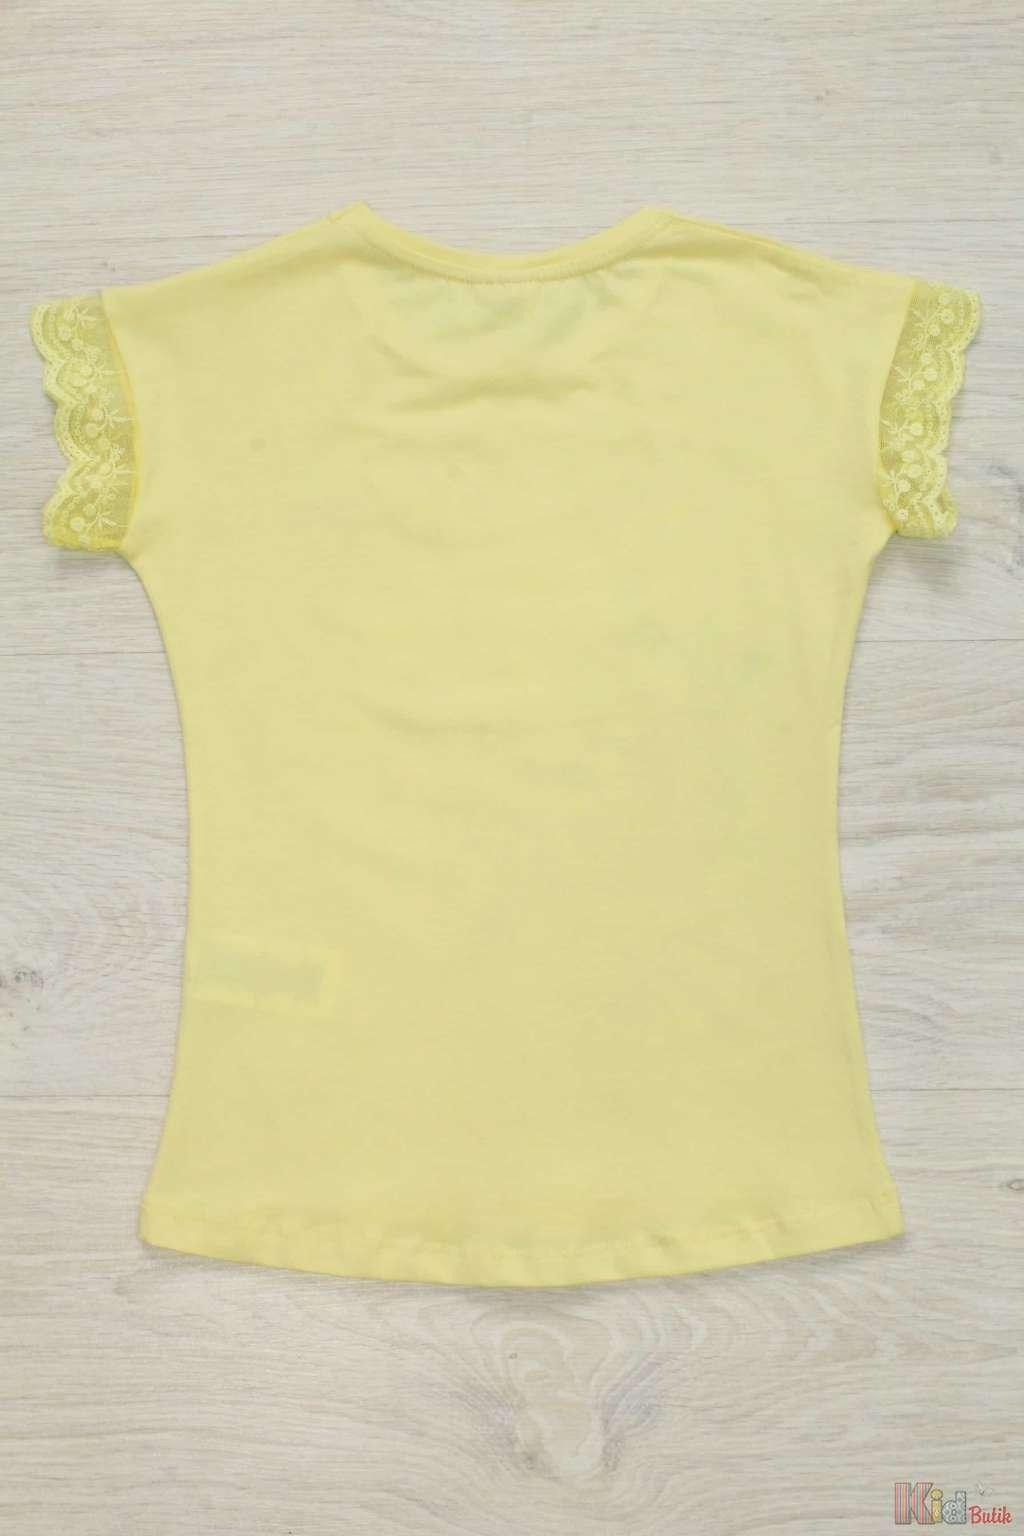 ... Футболка для дівчинки з ажурним рукавчиком лимонного кольору Miss  Zelish ТЗ17-11Жт (4109) eb28a437c47e8